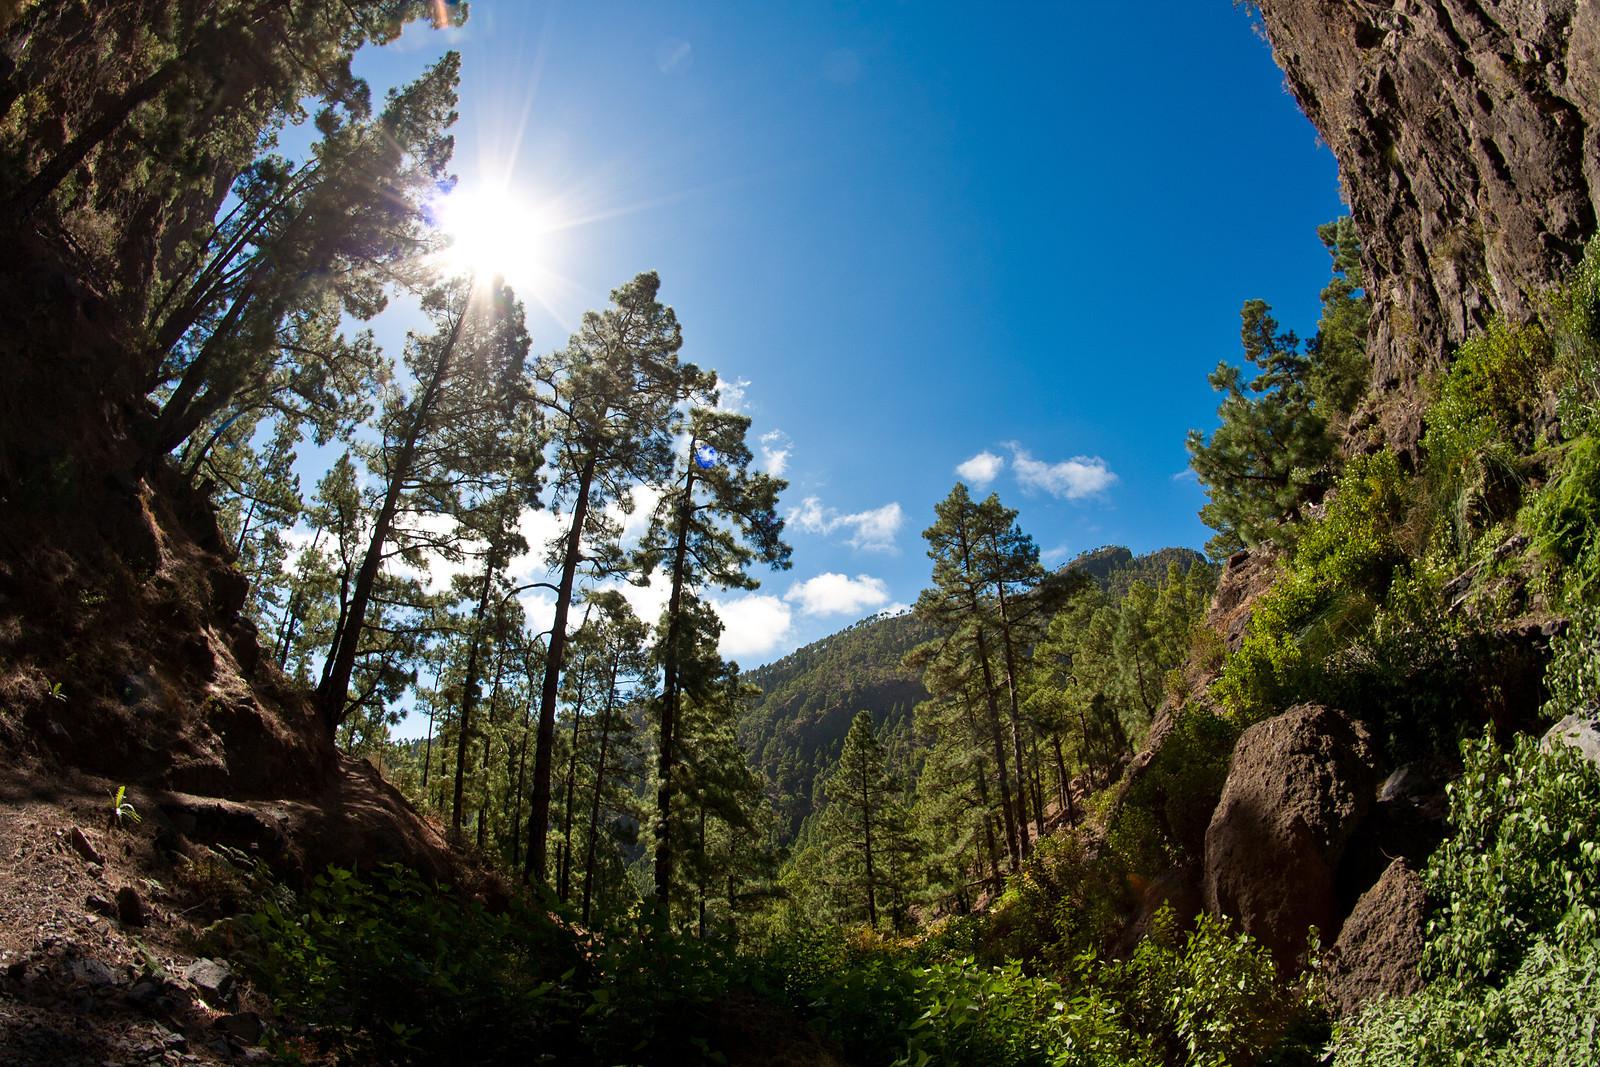 Samyang halszem napsütéses erdőben